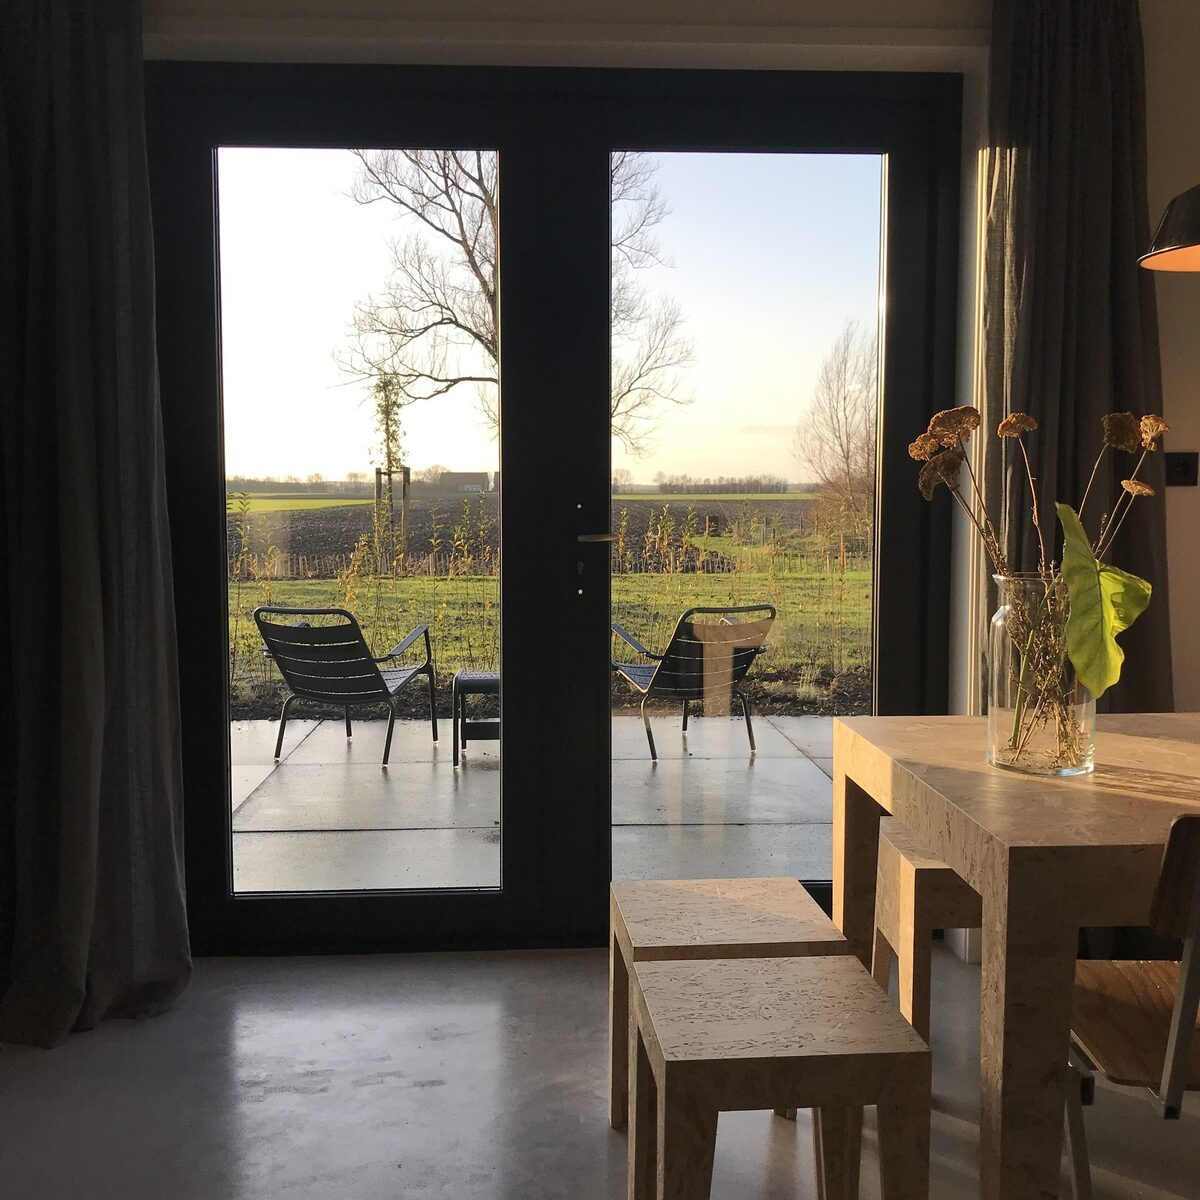 Zomerwoning  Zeeland - Mariekerke 7 | Mariekerke